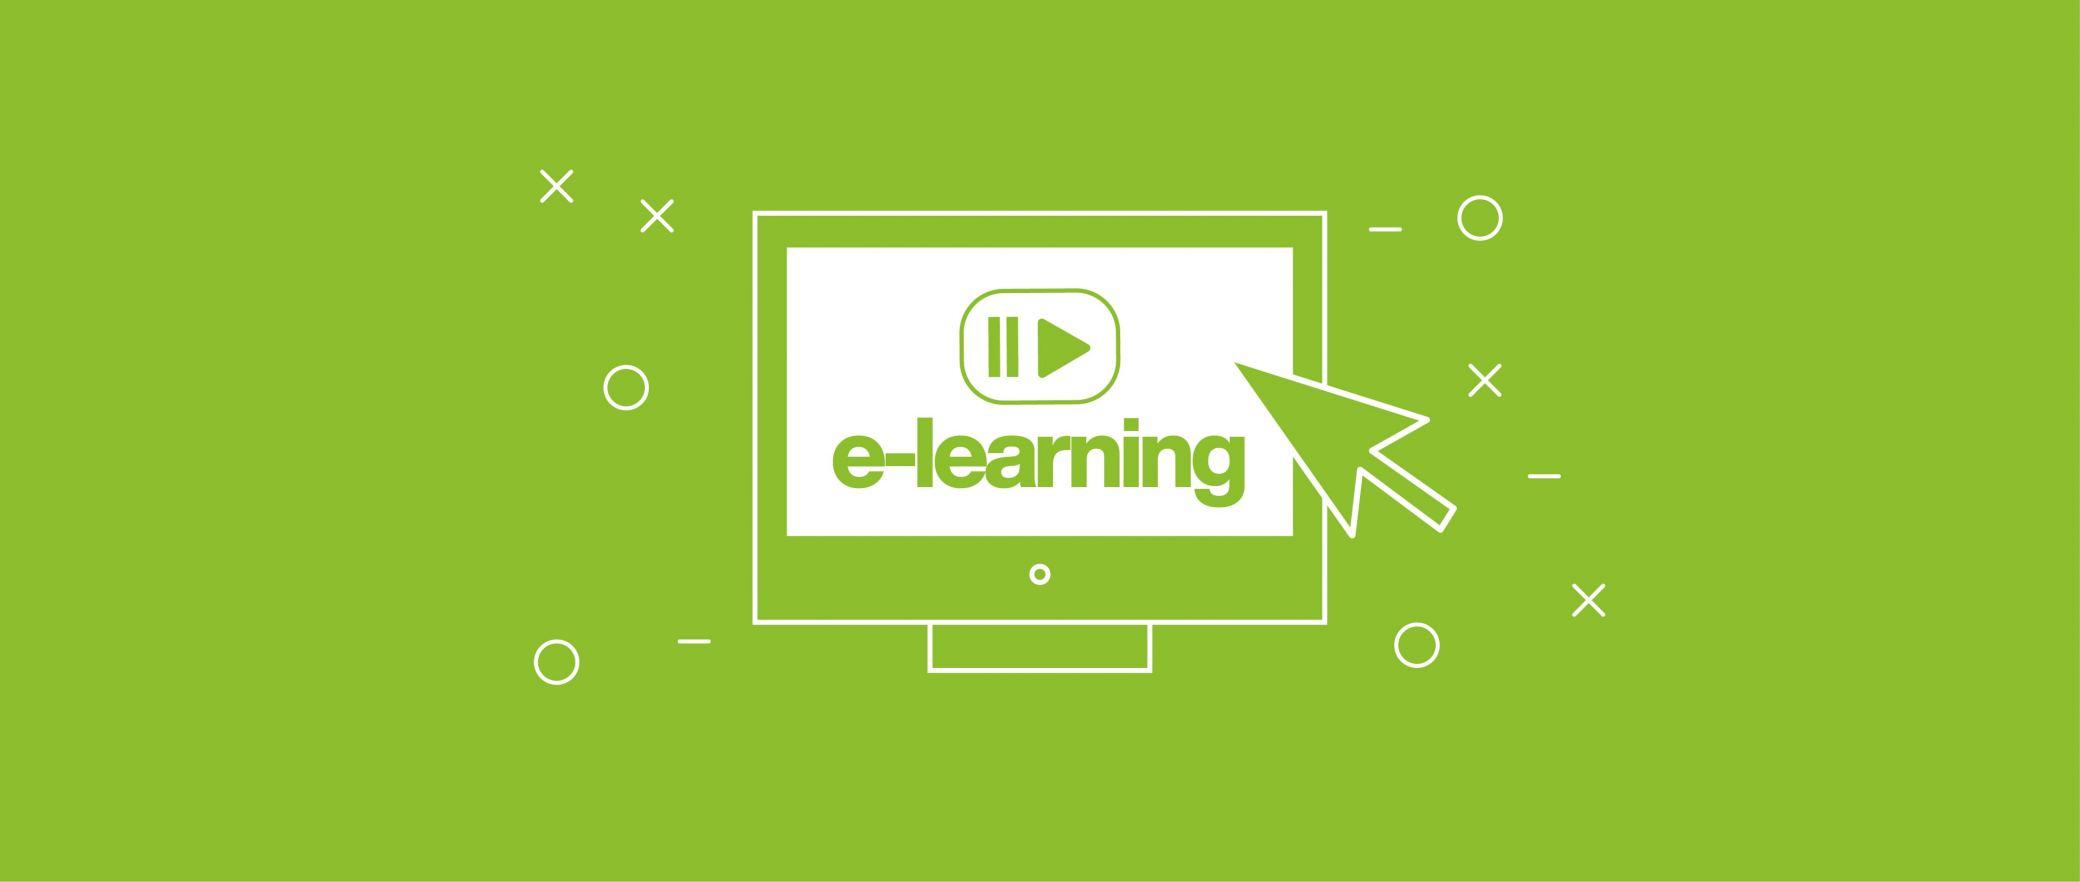 Usa i video nei tuoi corsi e-Learning per migliorarne l'efficacia